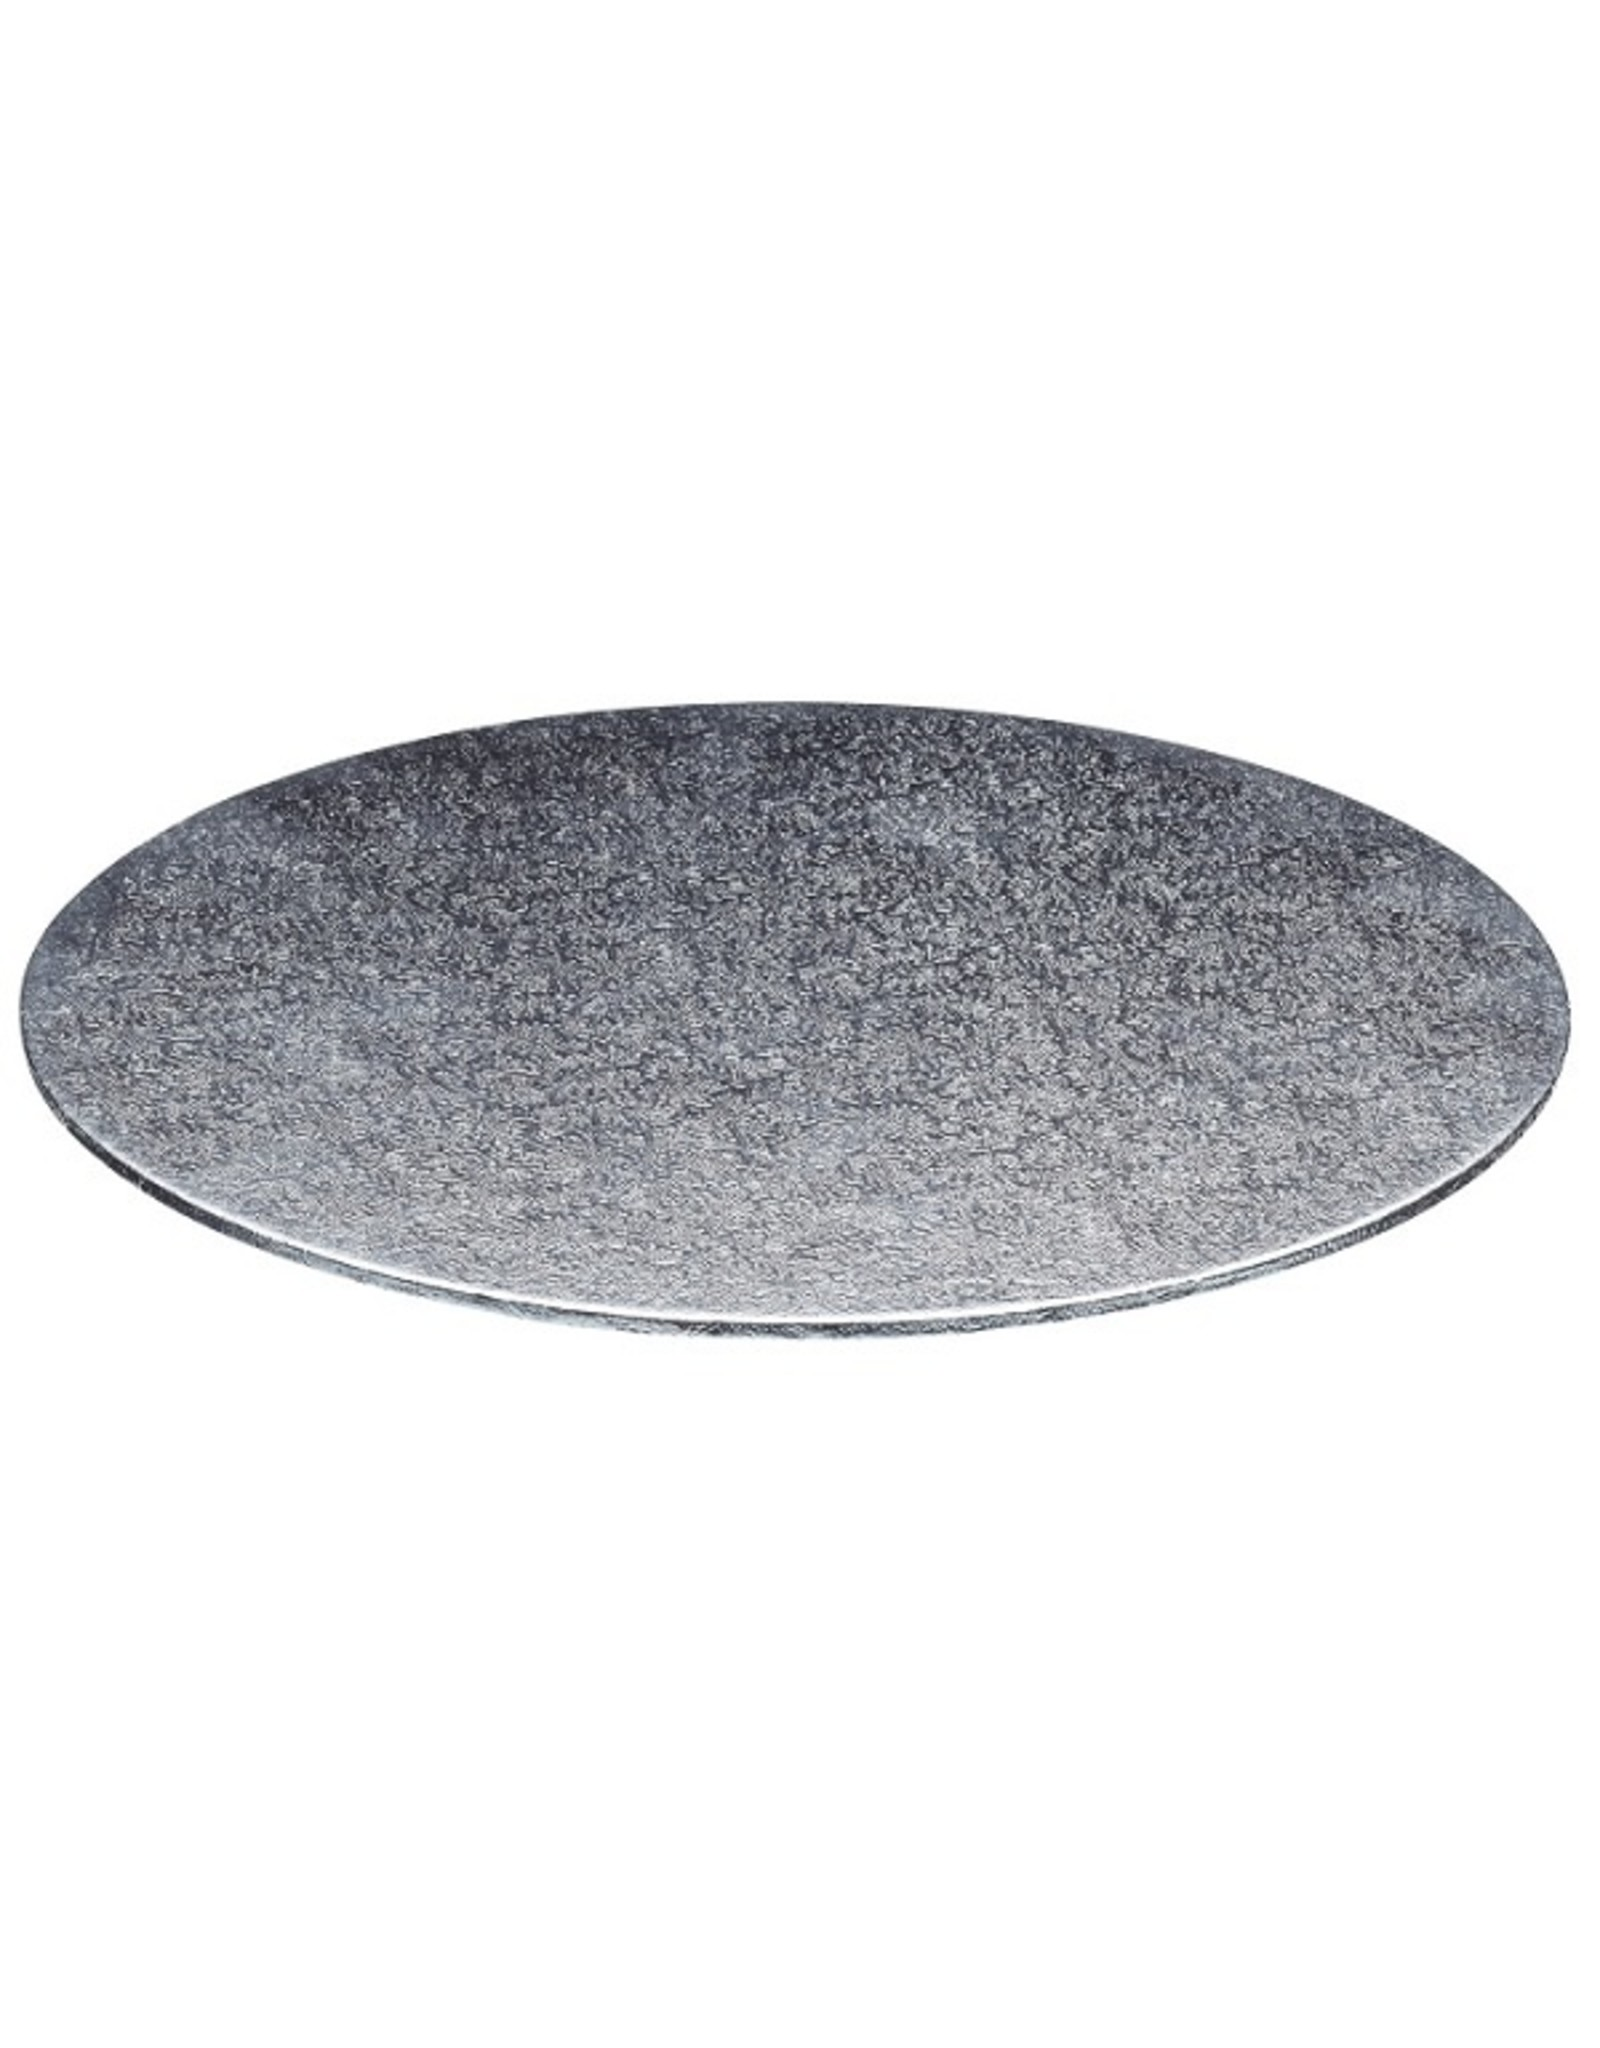 Cakeboards Ø406 mm - zilver (per 10 stuks)